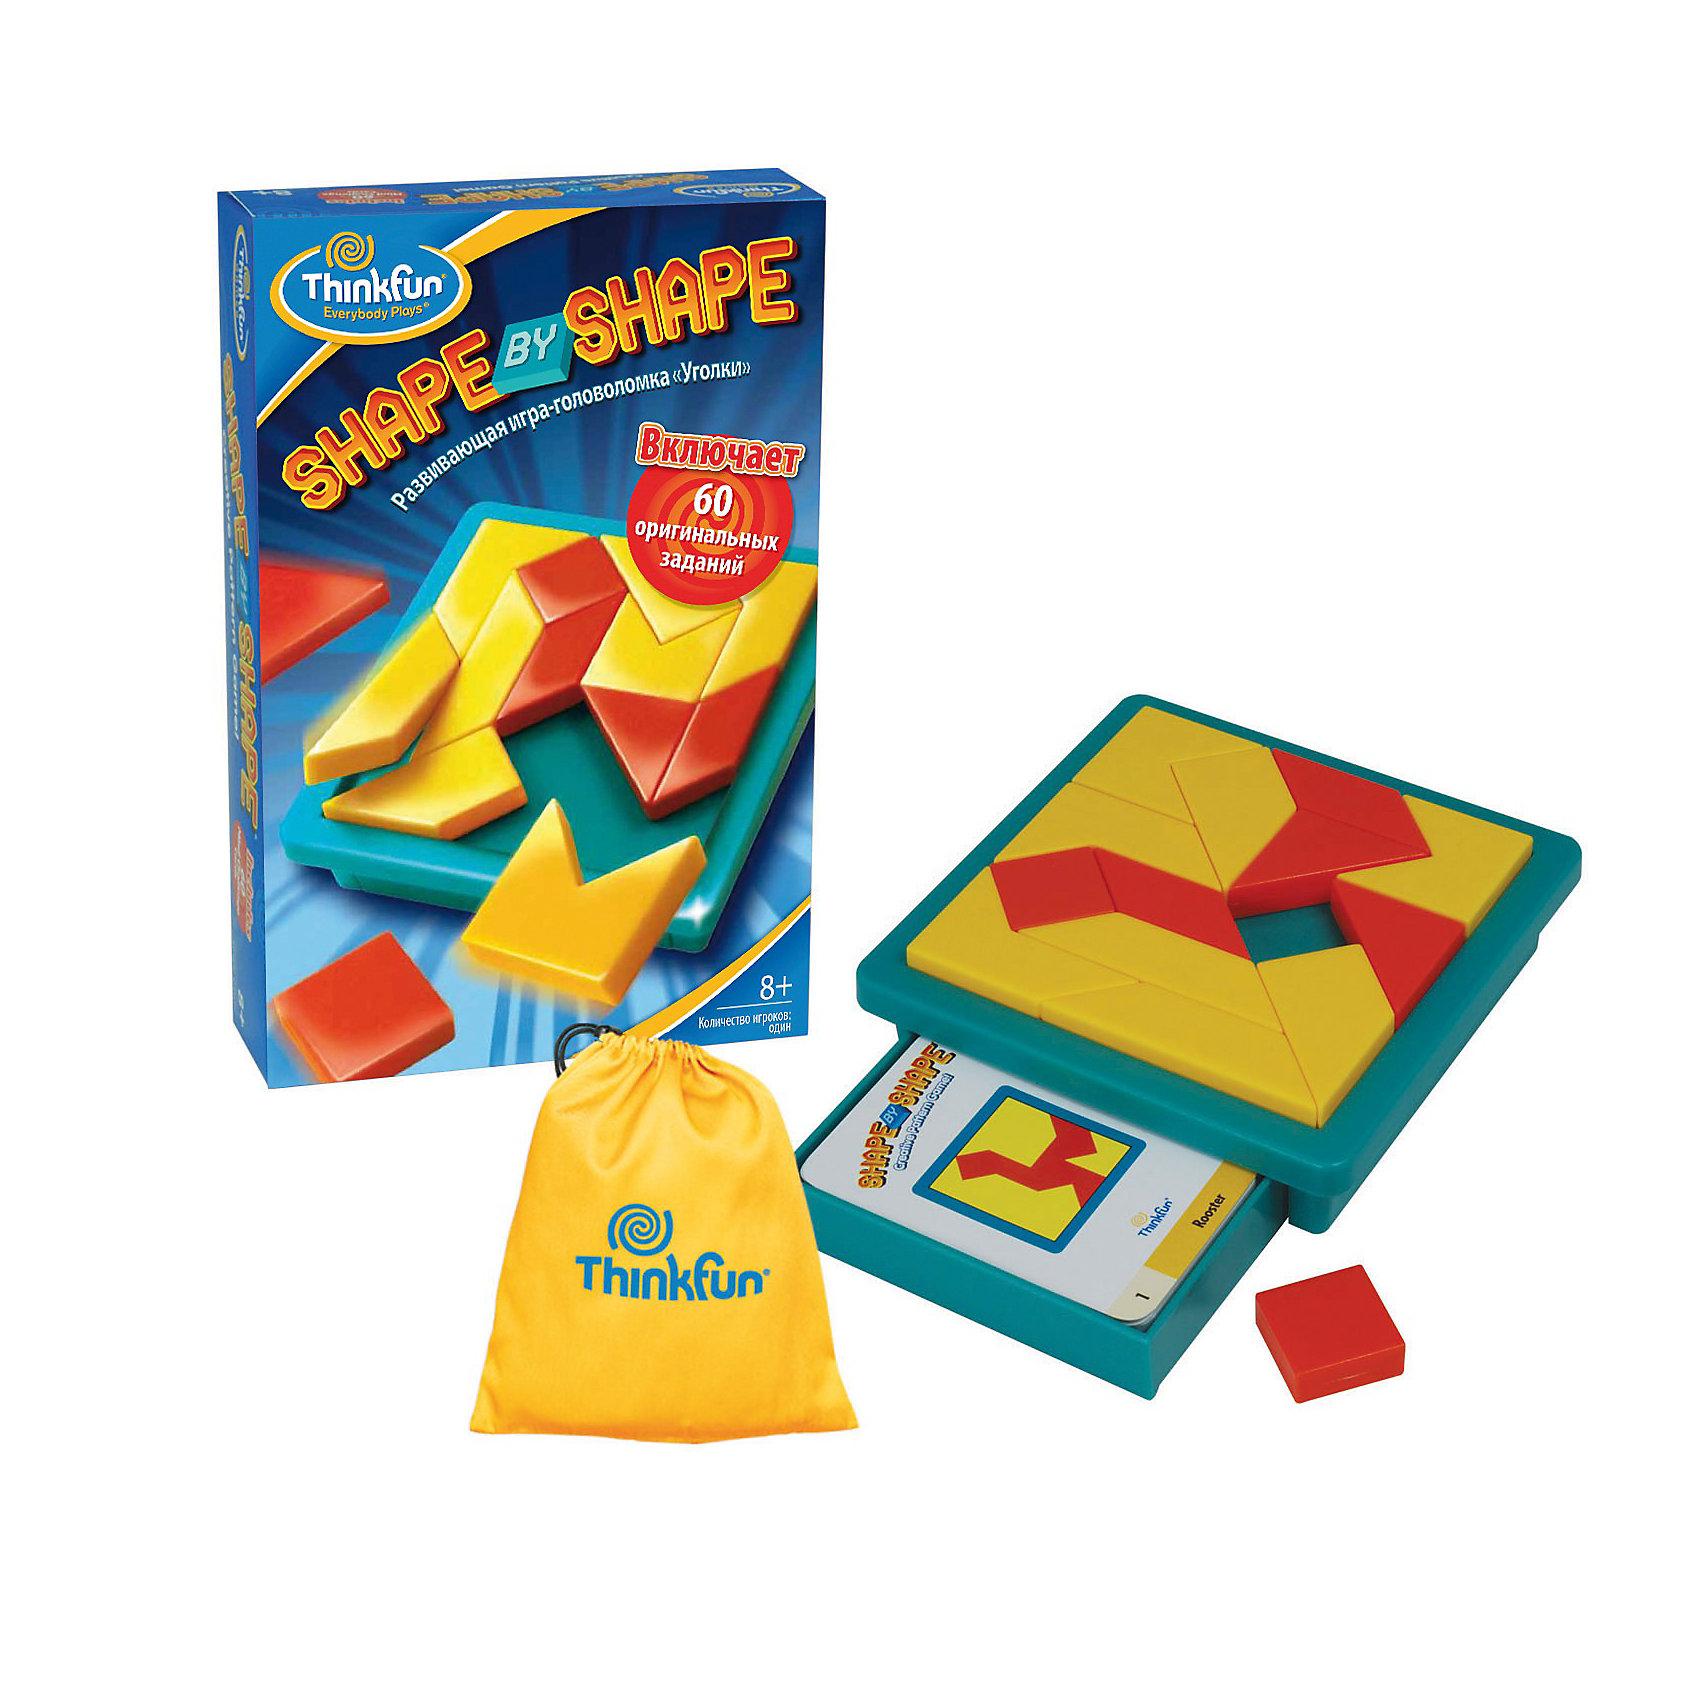 Игра Уголки  Shape by shape, ThinkfunГоловоломки<br>Уголки Shape by shape - детская игра, в которой нужно собирать фигуры на поле из сложных фигур. <br><br>Цель игры - нужно посмотреть на карточку и собрать такую же композицию на игровом поле. Задачи примерно похожи по сложности, но с ростом опыта игра становится всё интереснее и интереснее.<br><br>Порядок игры:<br>- Выберите из колоды карточек с заданиями одну карточку.<br>- Разместите части головоломки так чтобы они соответствовали рисунку на карточке. <br>- Все кусочки головоломки должны находится внутри игрового поля и лежать горизонтально.<br>Решение для каждого задания показаны на обороте карточки.<br><br>Дополнительная информация:<br><br>В набор входят: 14 пластиковых фигурок, игровое поле, 60 карточек с заданиями, на обратной стороне которых есть подсказки на тот случай, если собрать не получается, и нейлоновый мешочек.<br><br>Данная игра хорошо развивает моторику и системное мышление.<br><br>Ширина мм: 200<br>Глубина мм: 220<br>Высота мм: 60<br>Вес г: 658<br>Возраст от месяцев: 96<br>Возраст до месяцев: 144<br>Пол: Унисекс<br>Возраст: Детский<br>SKU: 2148456